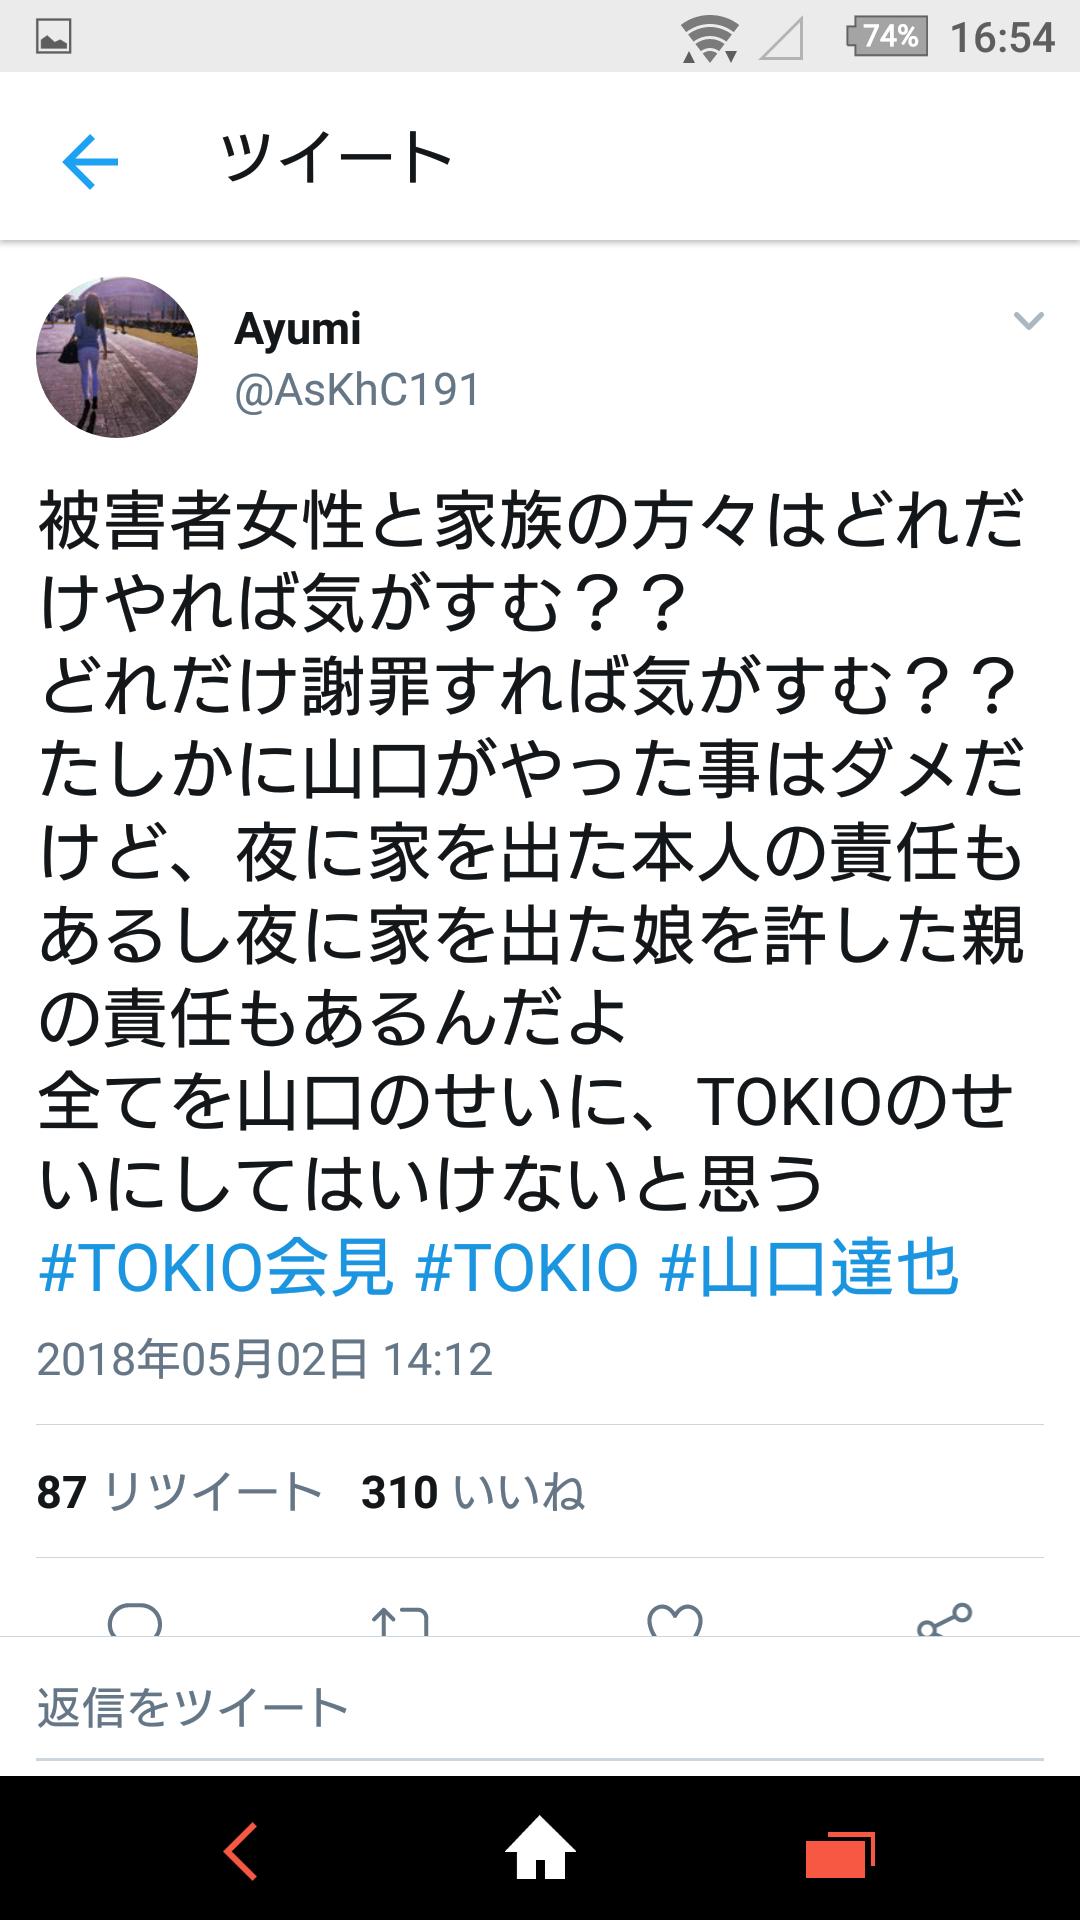 TOKIOの4人謝罪 山口達也から辞表を渡されるも処遇決まらず…松岡「TOKIOなくした方が」長瀬「被害者の方責めないで」